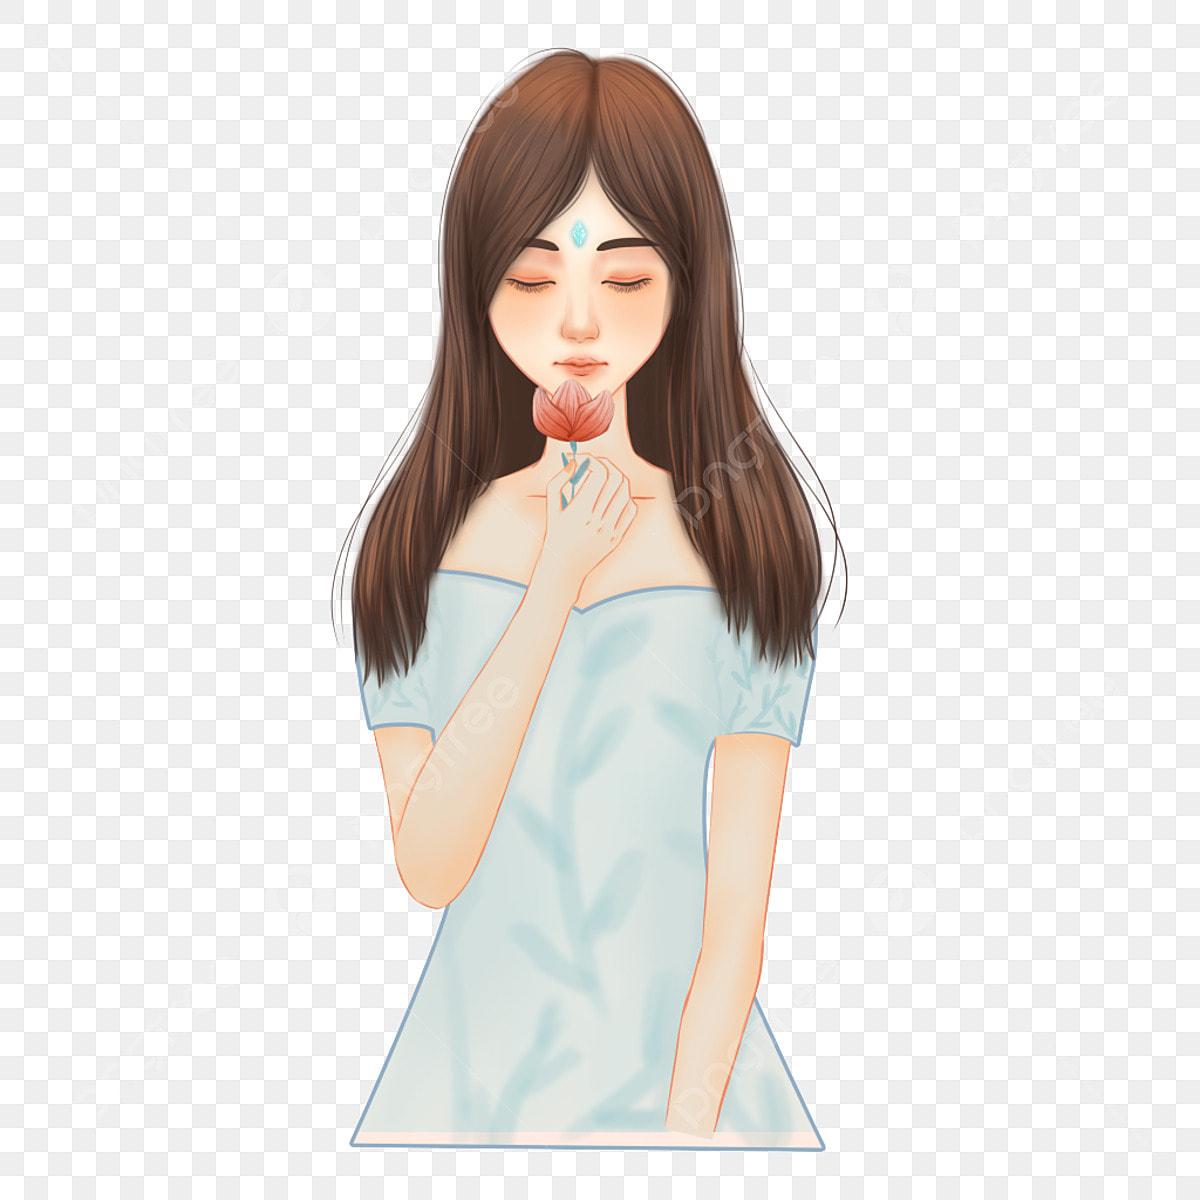 Gambar Kartun Wanita Rambut Panjang Gambar Cute Rambut Panjang Wanita Kartun Cantik Cute Cantik Tangan Yang Ditarik Png Dan Psd Untuk Muat Turun Percuma